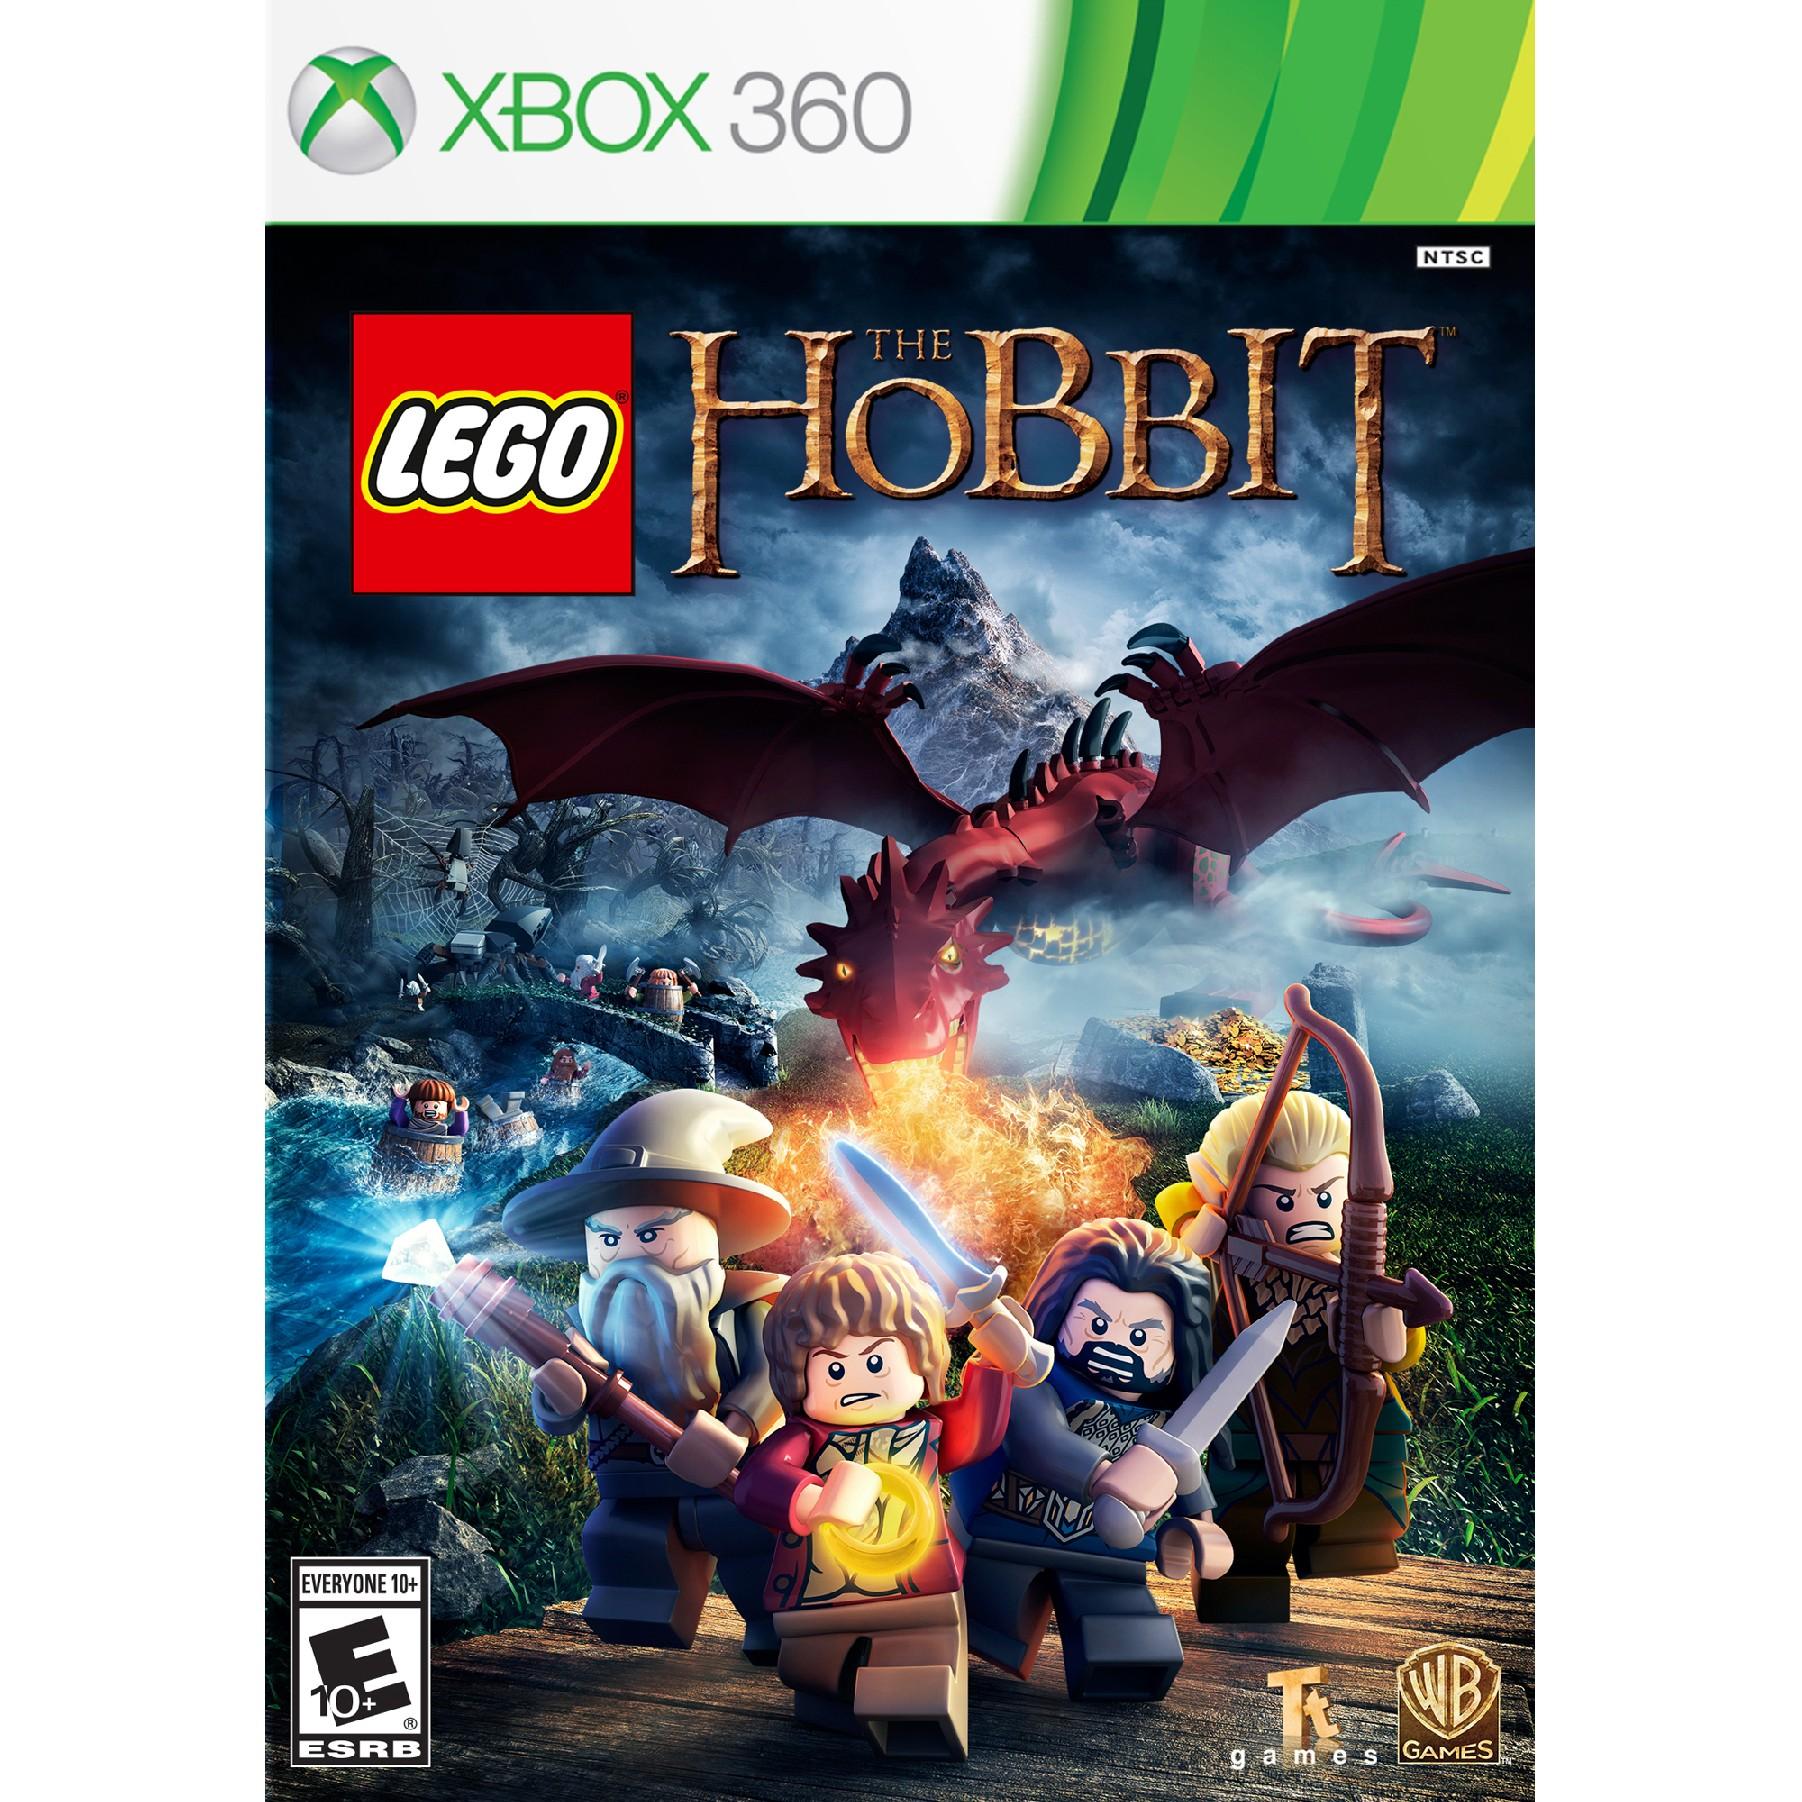 LEGO The Hobbit (bazar, X360) - 389 Kč